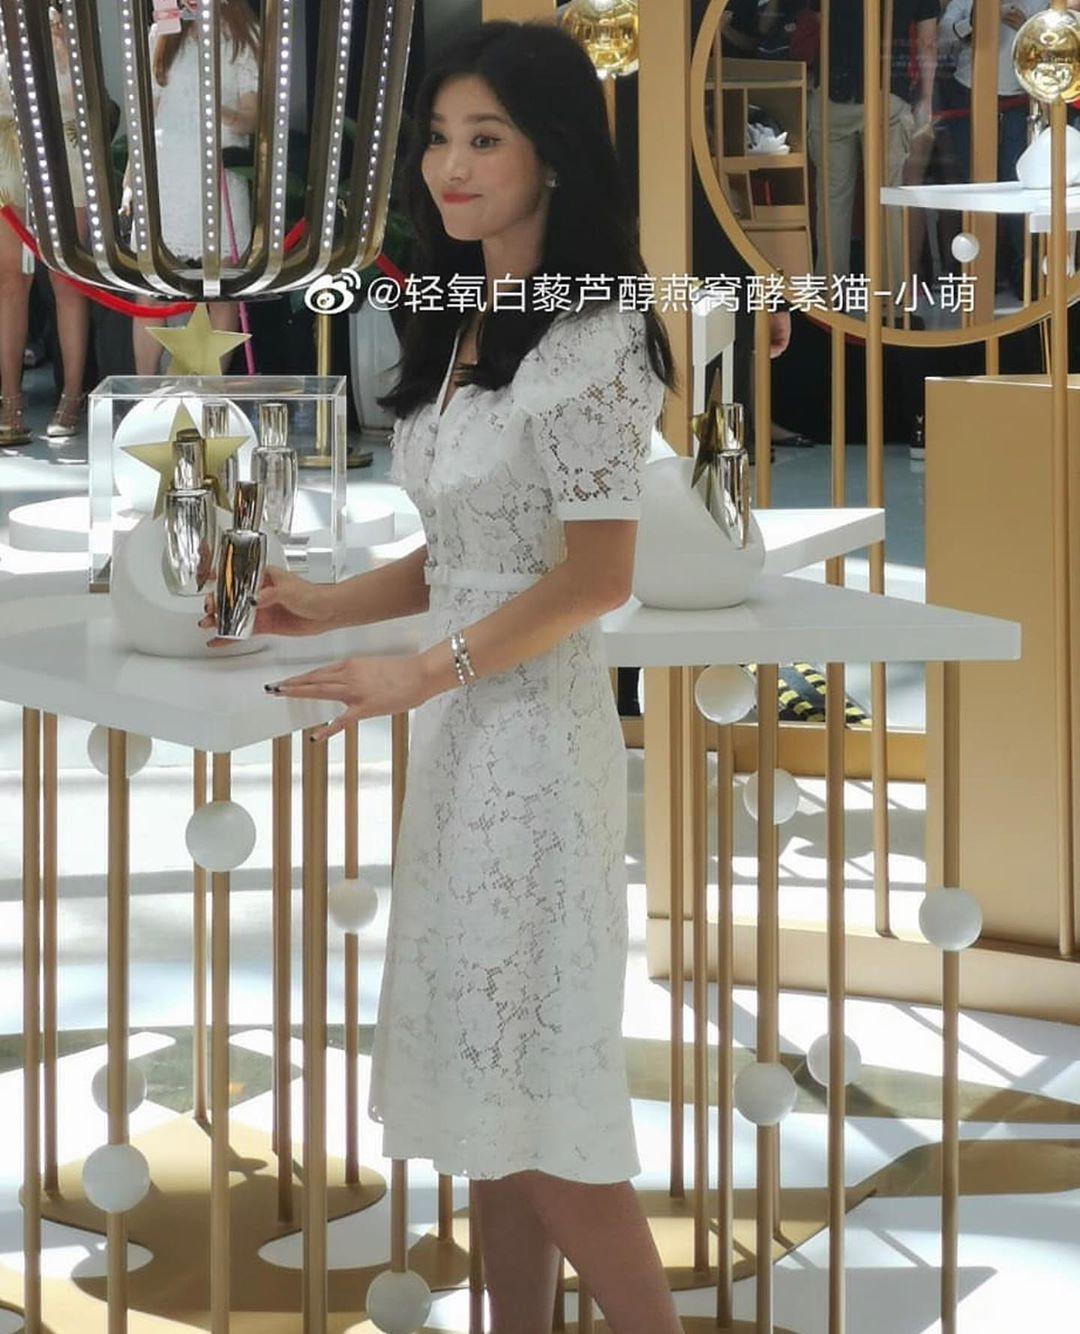 Loạt ảnh chụp vội của Song Hye Kyo gây sốt giữa bão ly hôn: Đúng là nhan sắc, thần thái bất chấp tất cả!-2